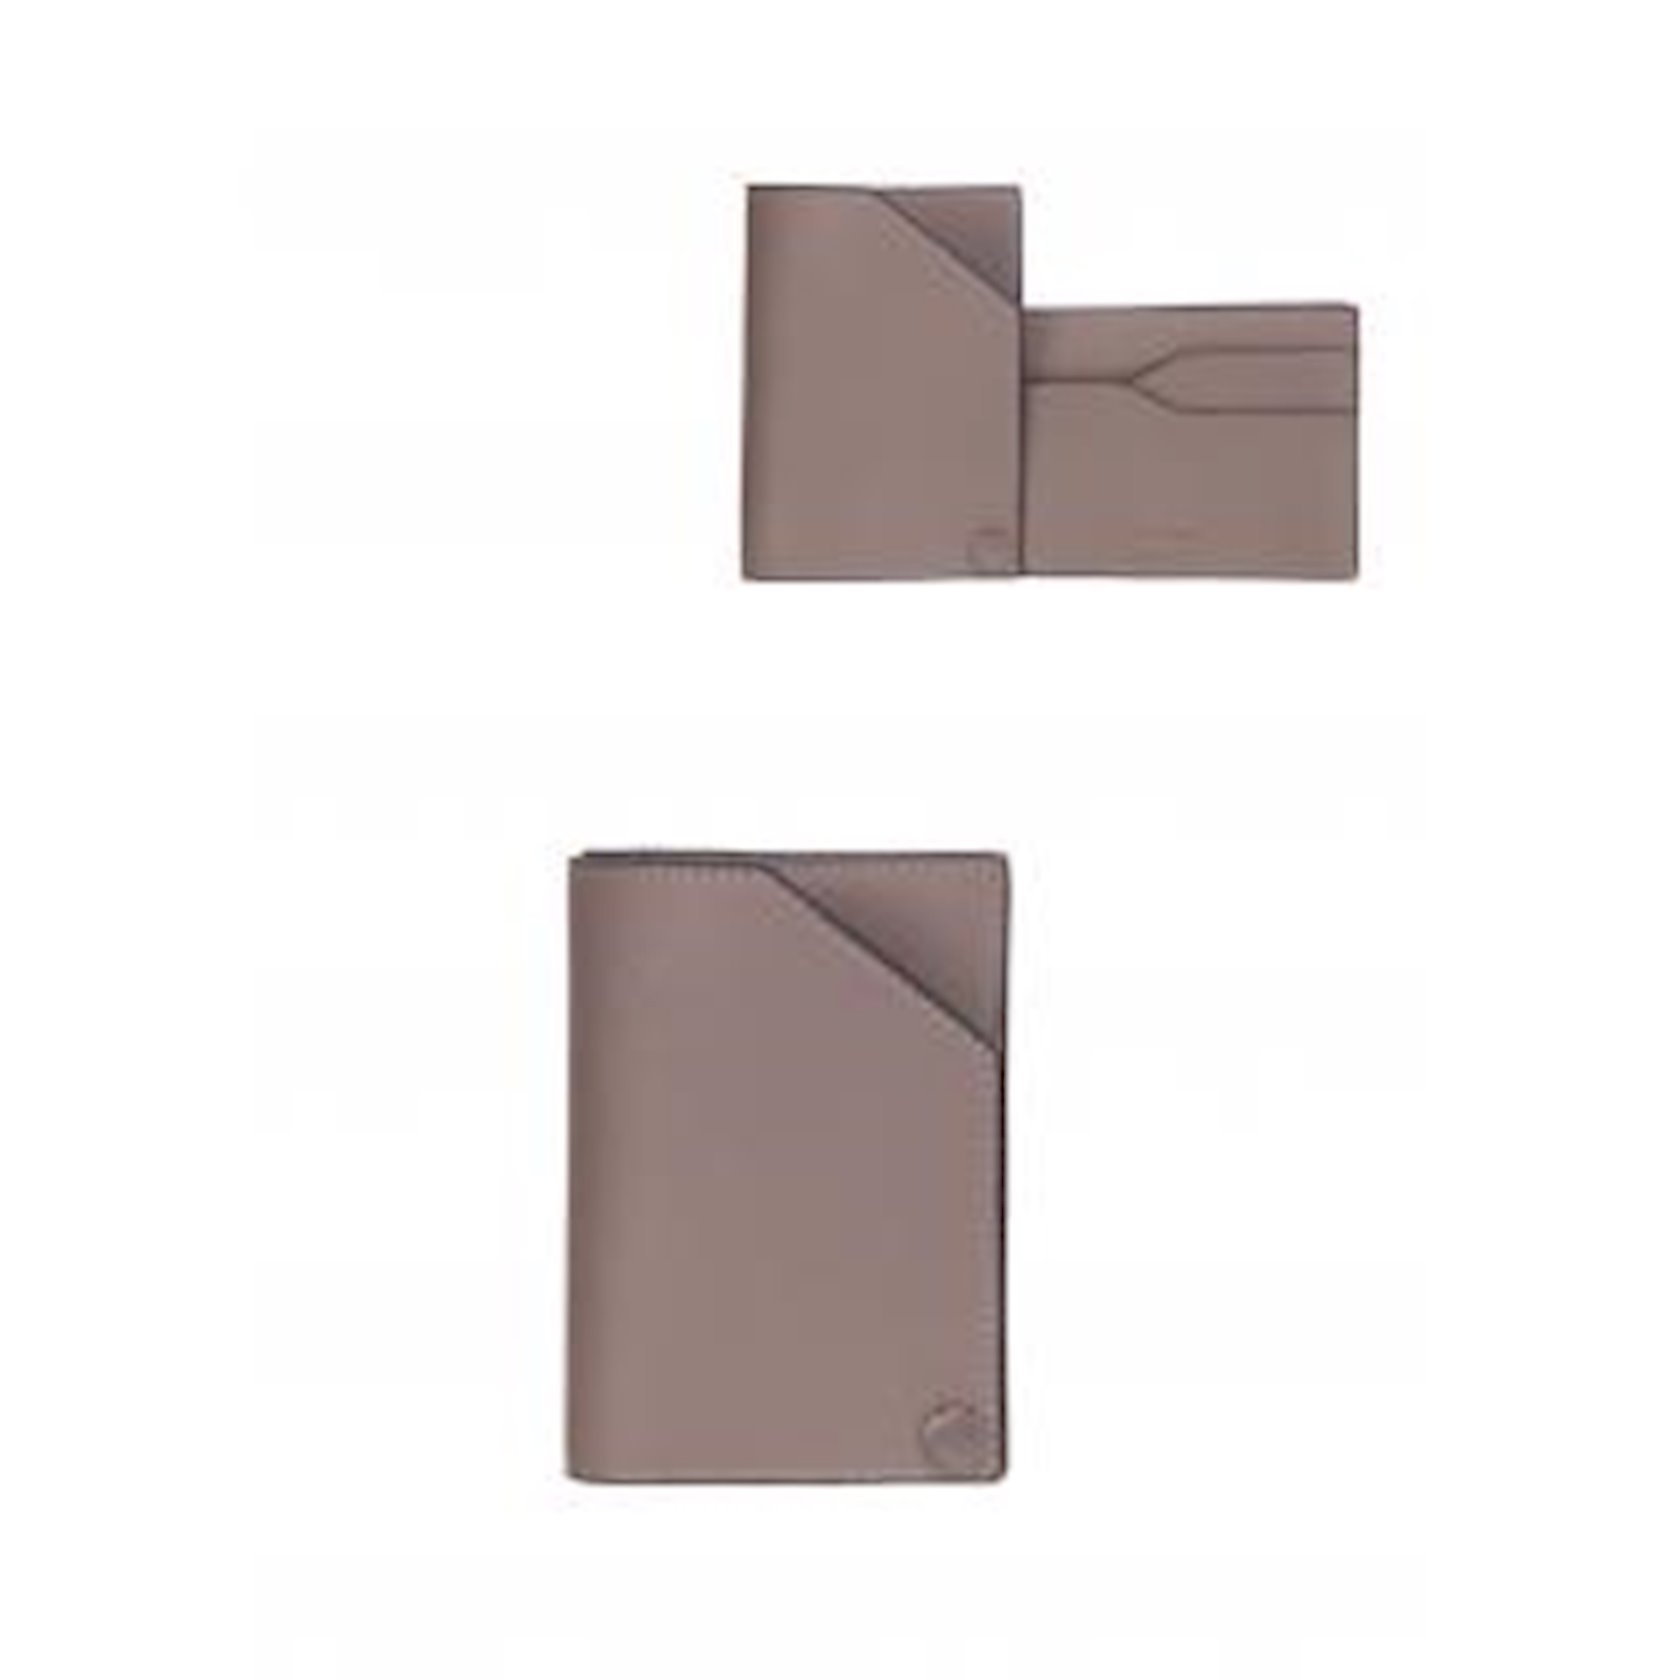 Kişilər üçün kredit kartları qabı poliuretan Miniso Cardholder Wallet, Light Brown, açıq qəhvəyi